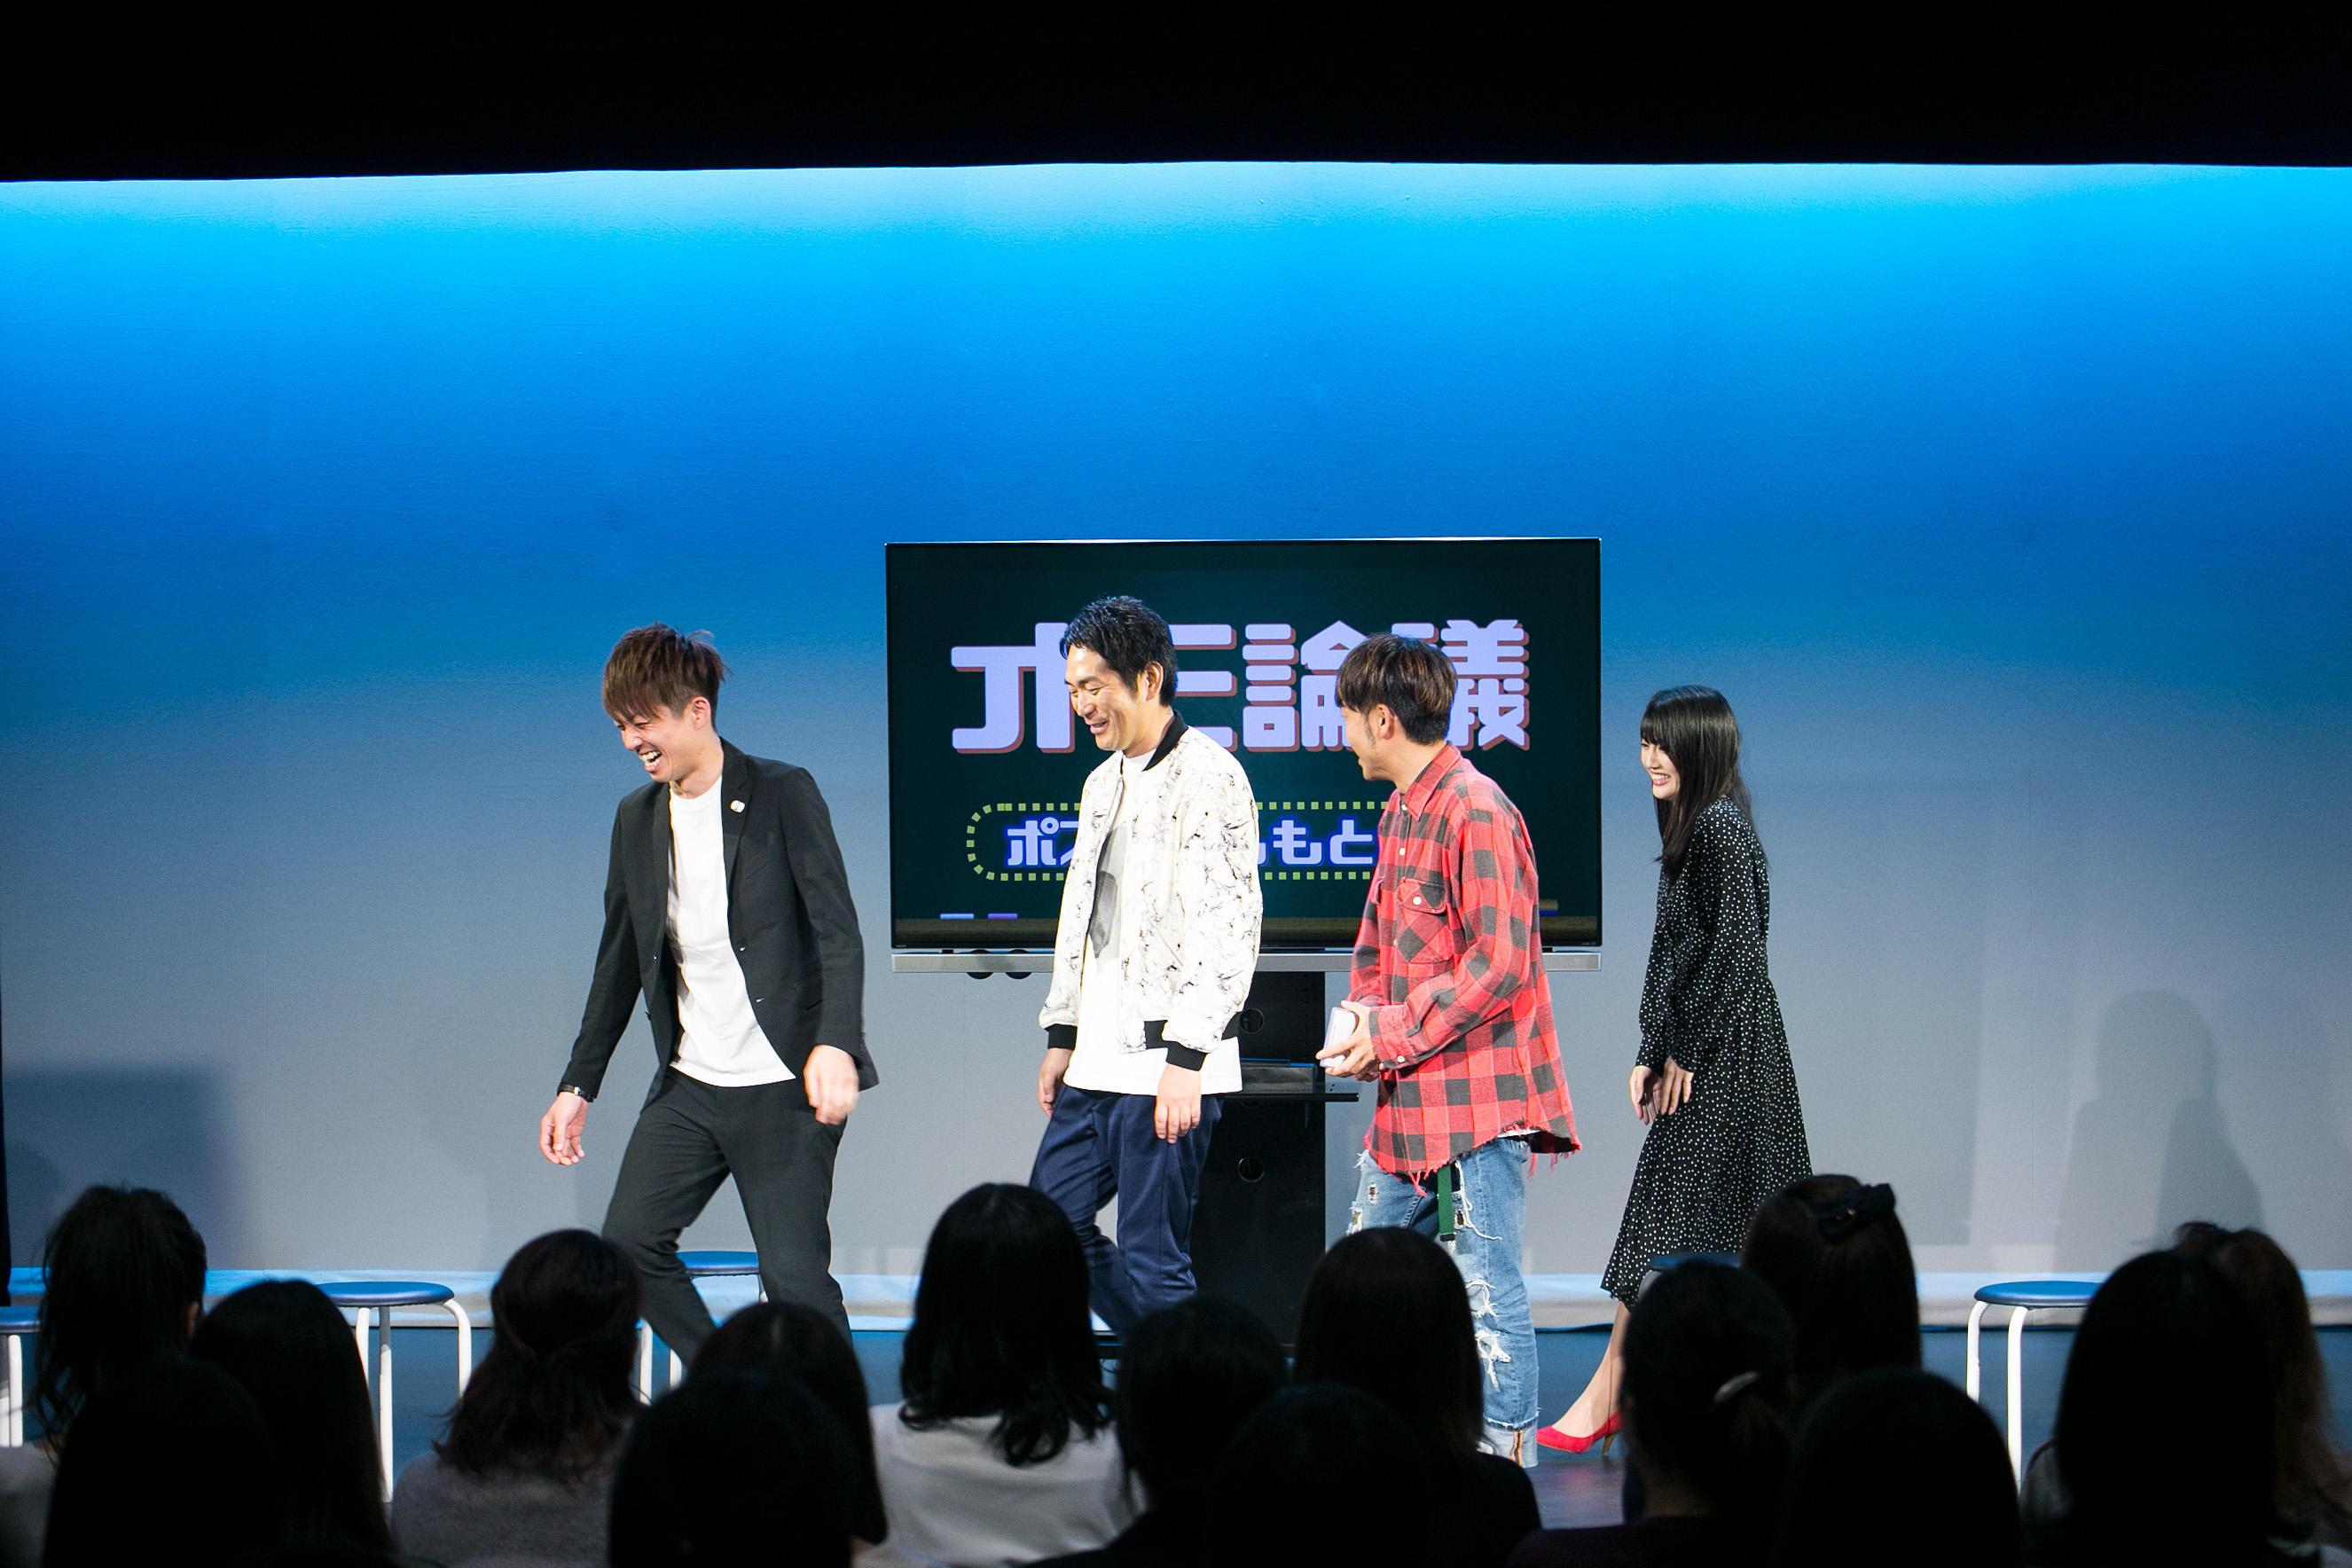 http://news.yoshimoto.co.jp/20181107085321-37c853c88c134a7d14c56335014e4bab4260e0b6.jpg